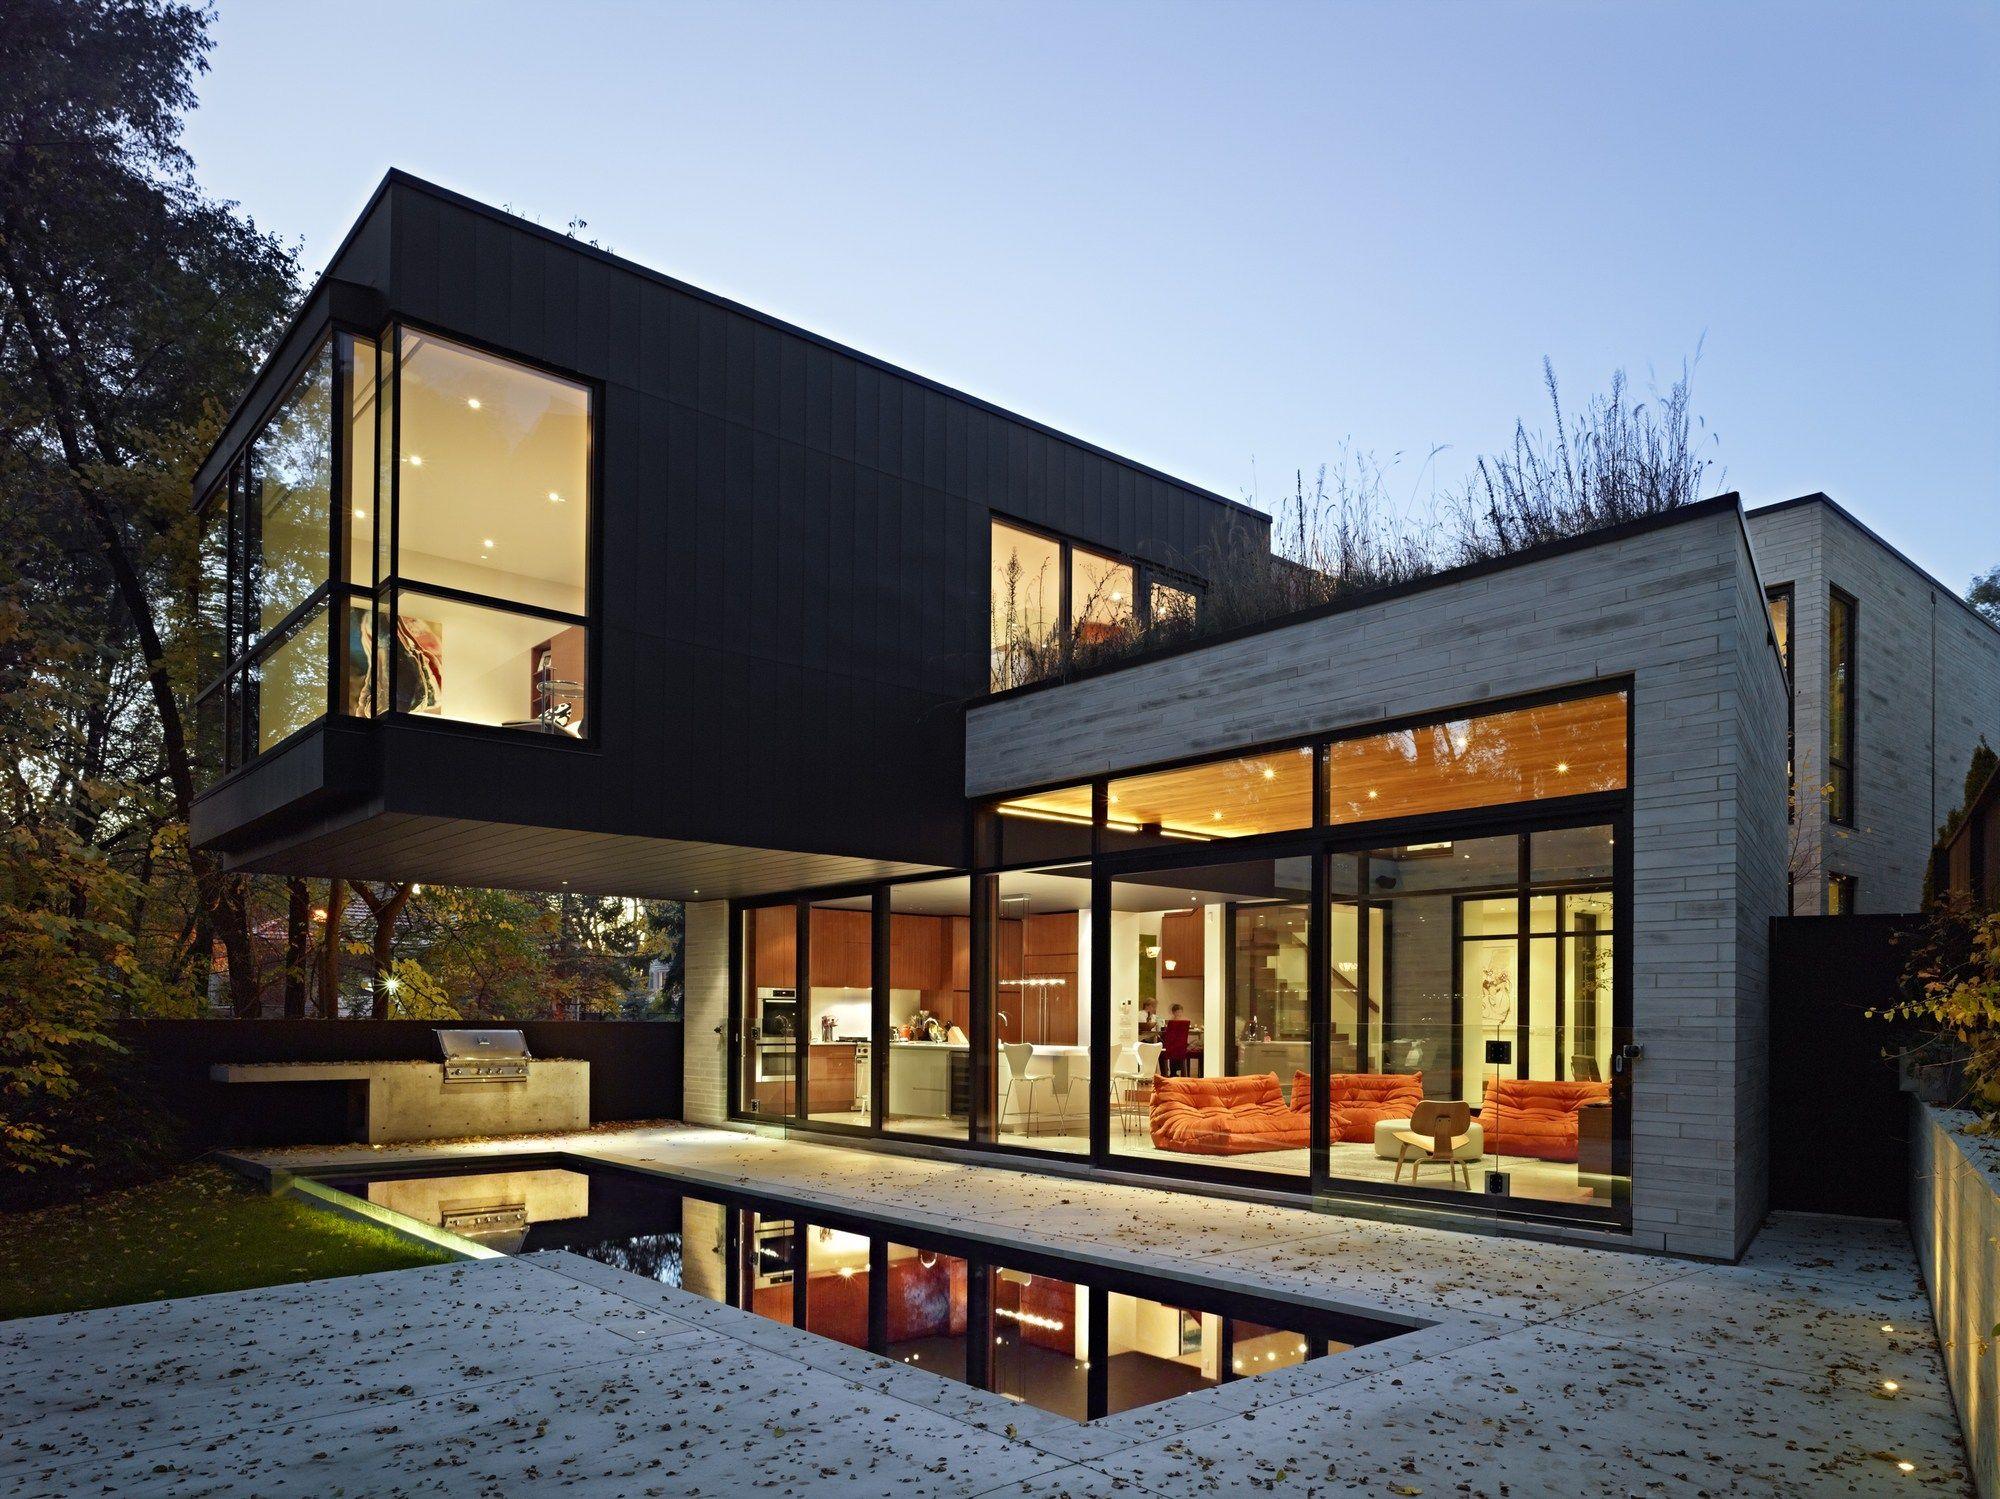 Luxury modern home architectures design idea luxury home architectural design apnaghar types house plans architectural design